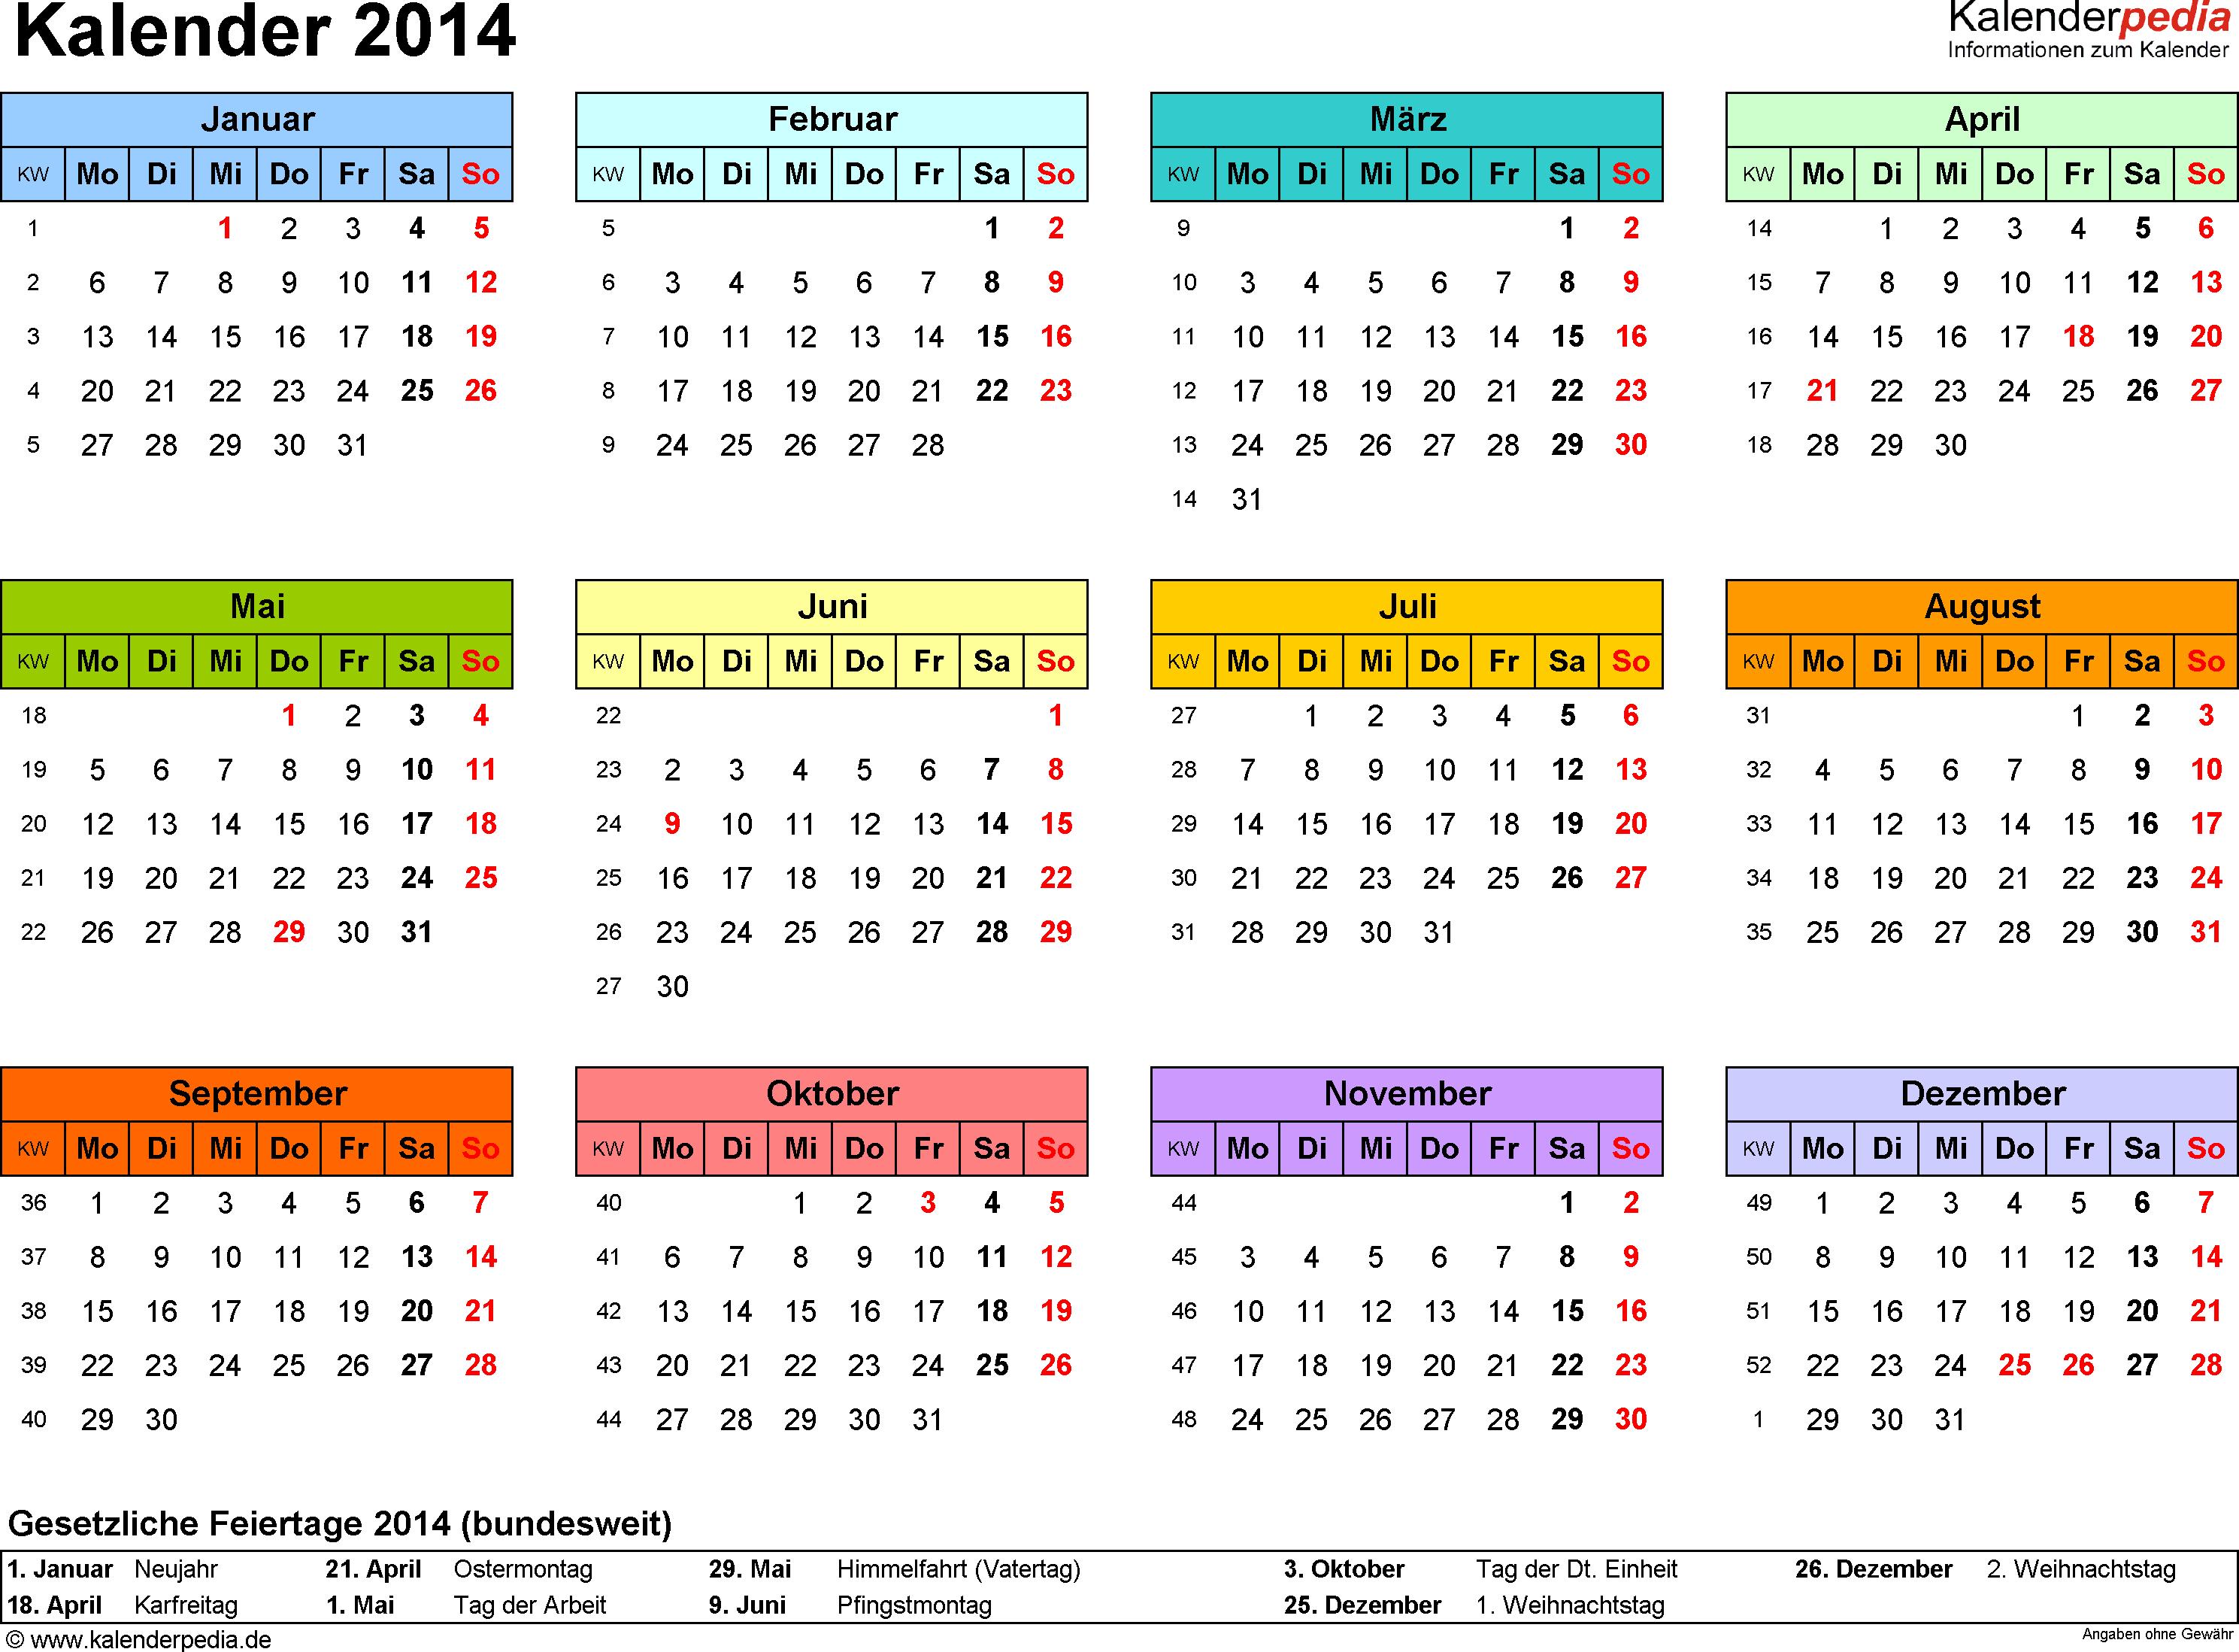 Vorlage 7: Kalender 2014 als PDF-Datei, Querformat, 1 Seite, in Farbe